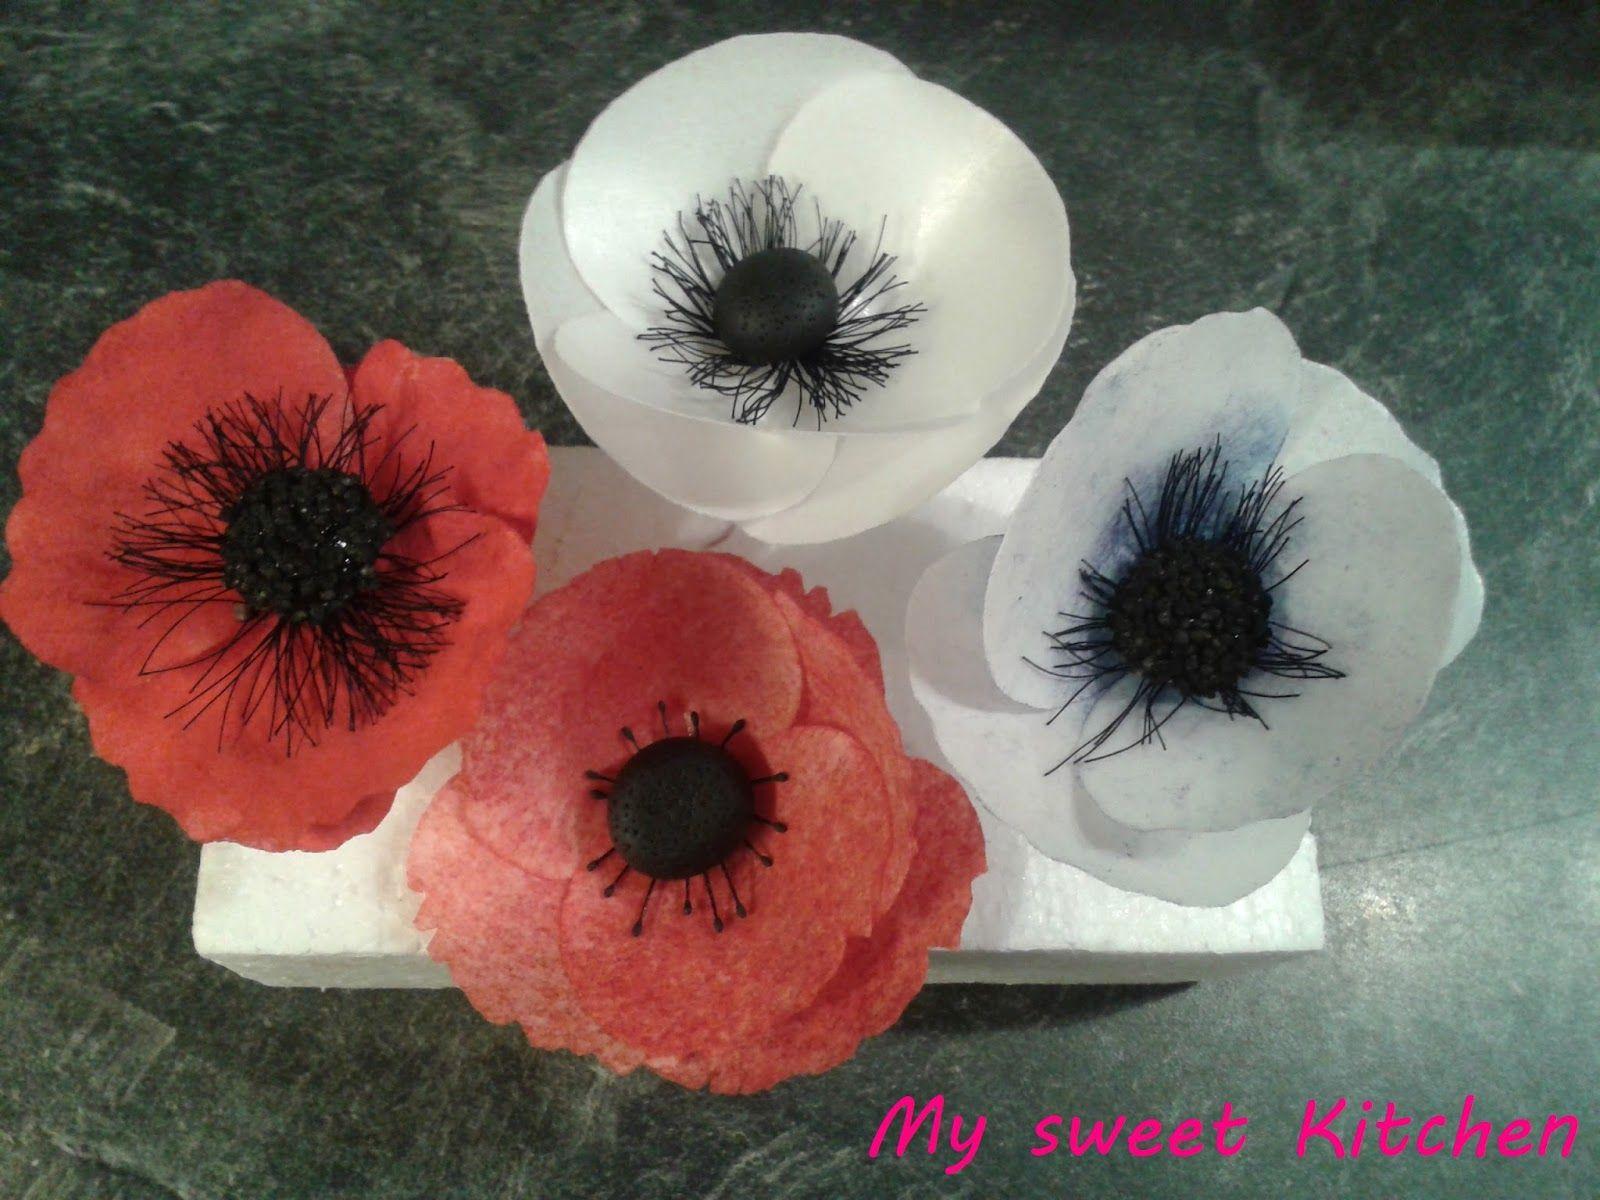 Mohnblumen Anemone Blumen Aus Papier Mohnblume Blumen